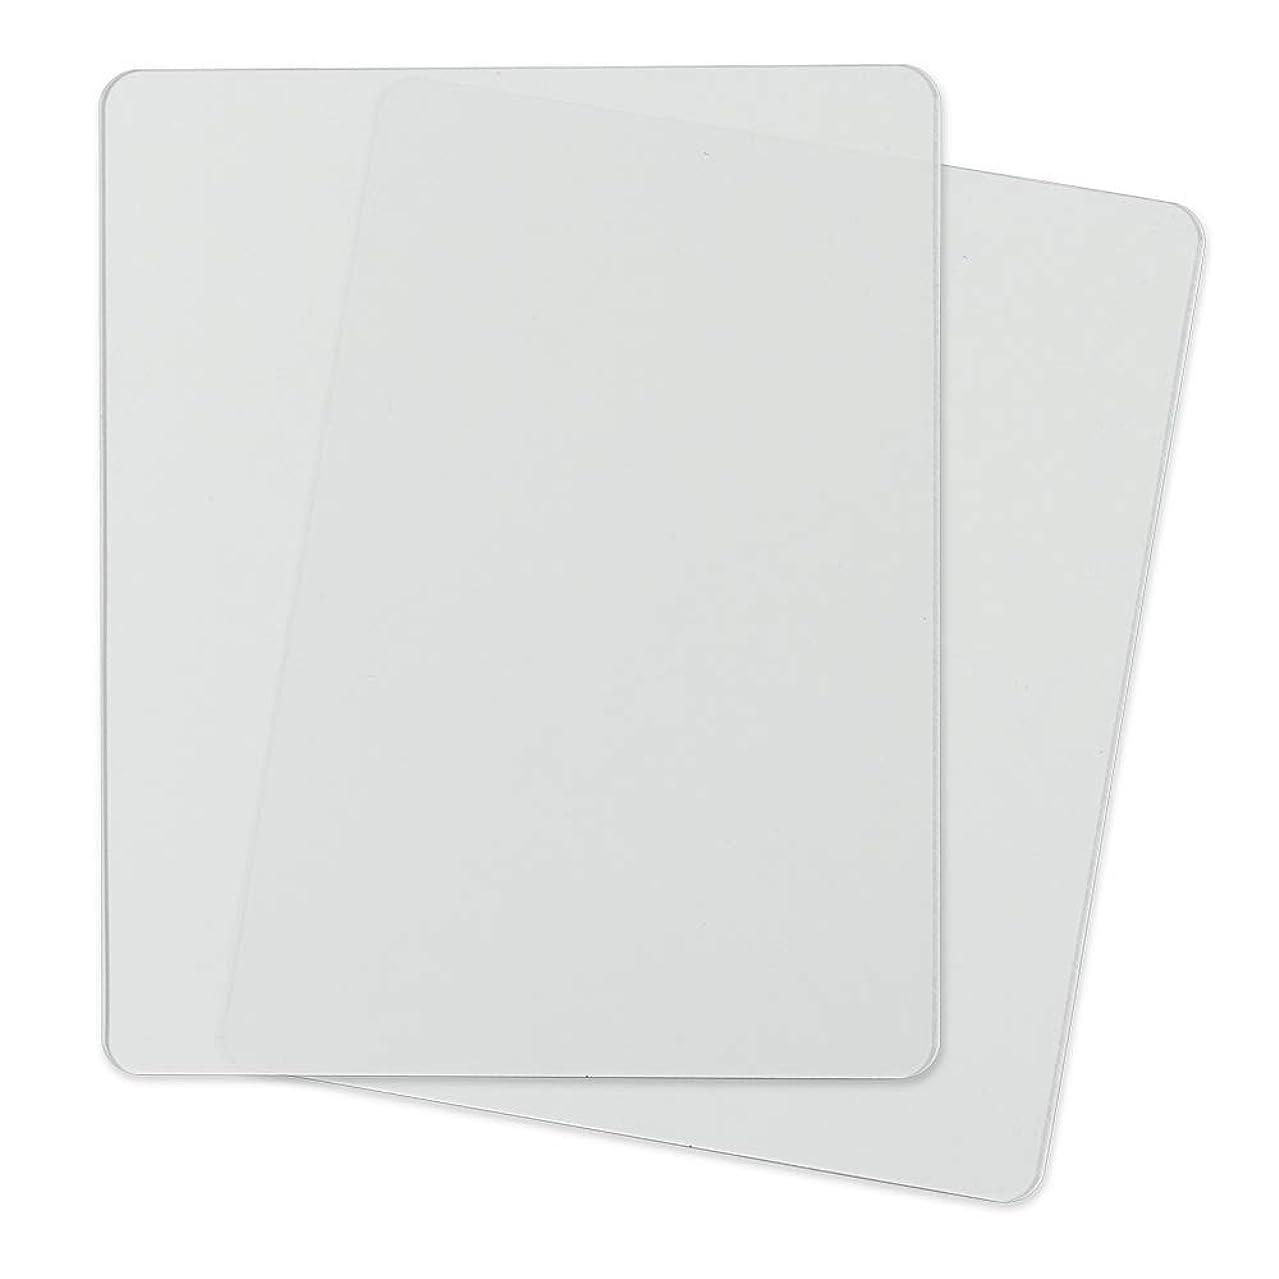 AccuQuilt Studio Cutting Plastic-Jumbo 10 x 12 (2-Pack)